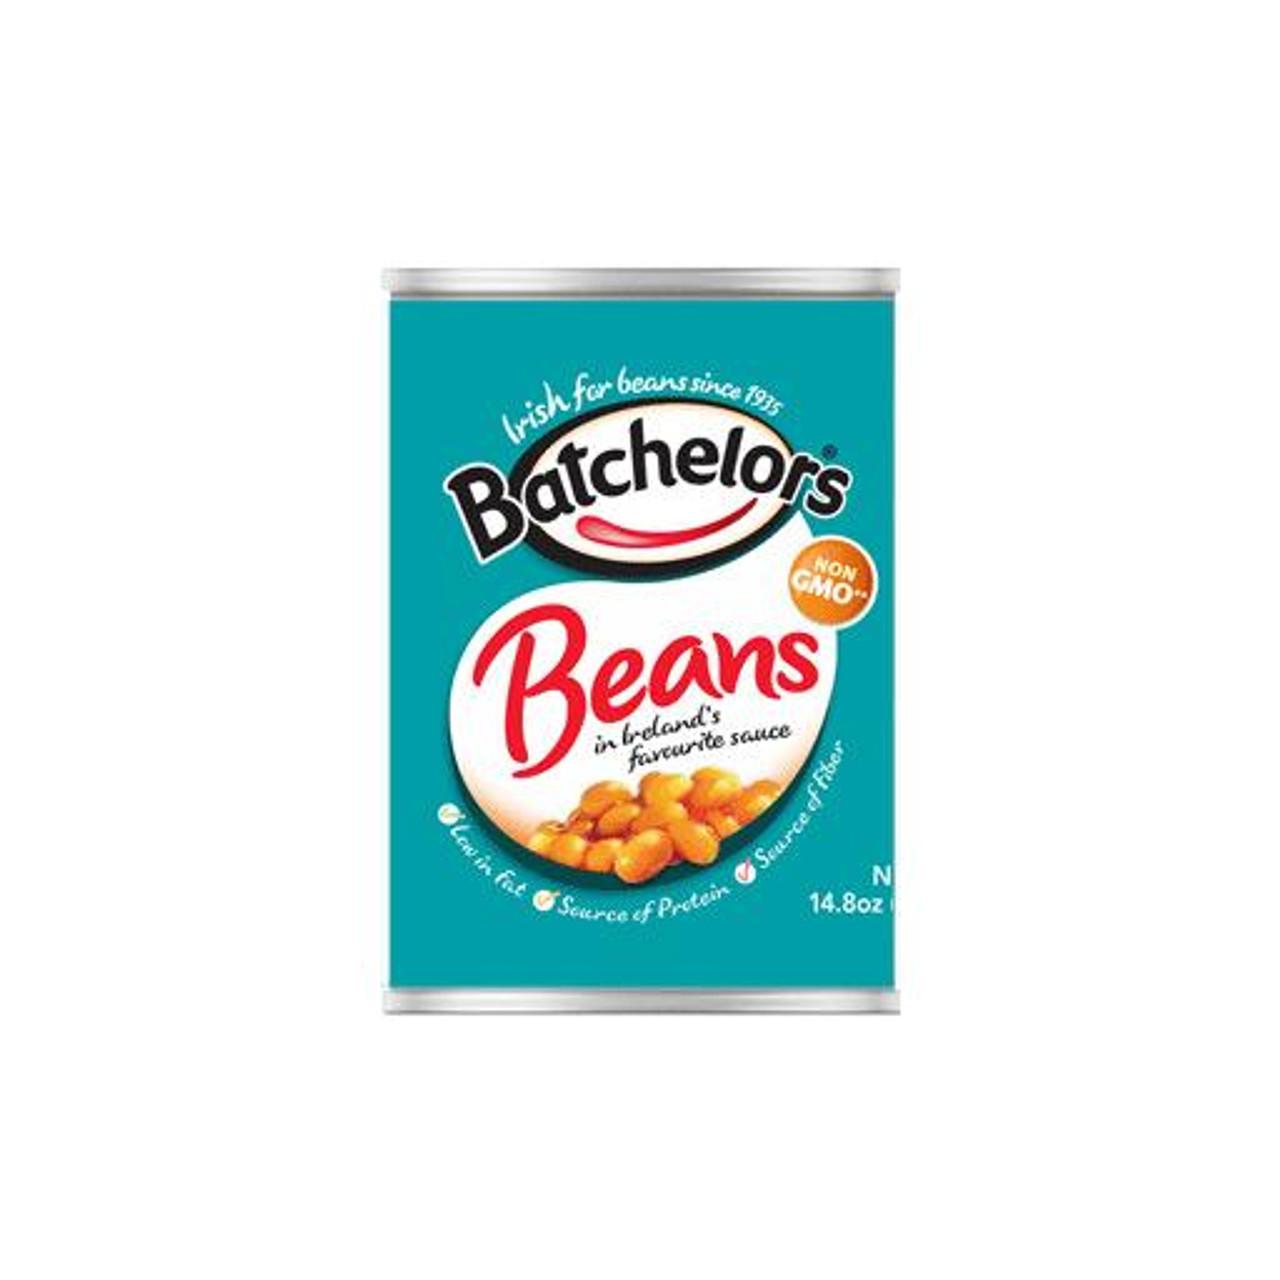 Batchelors - Baked Beans, 14.8oz